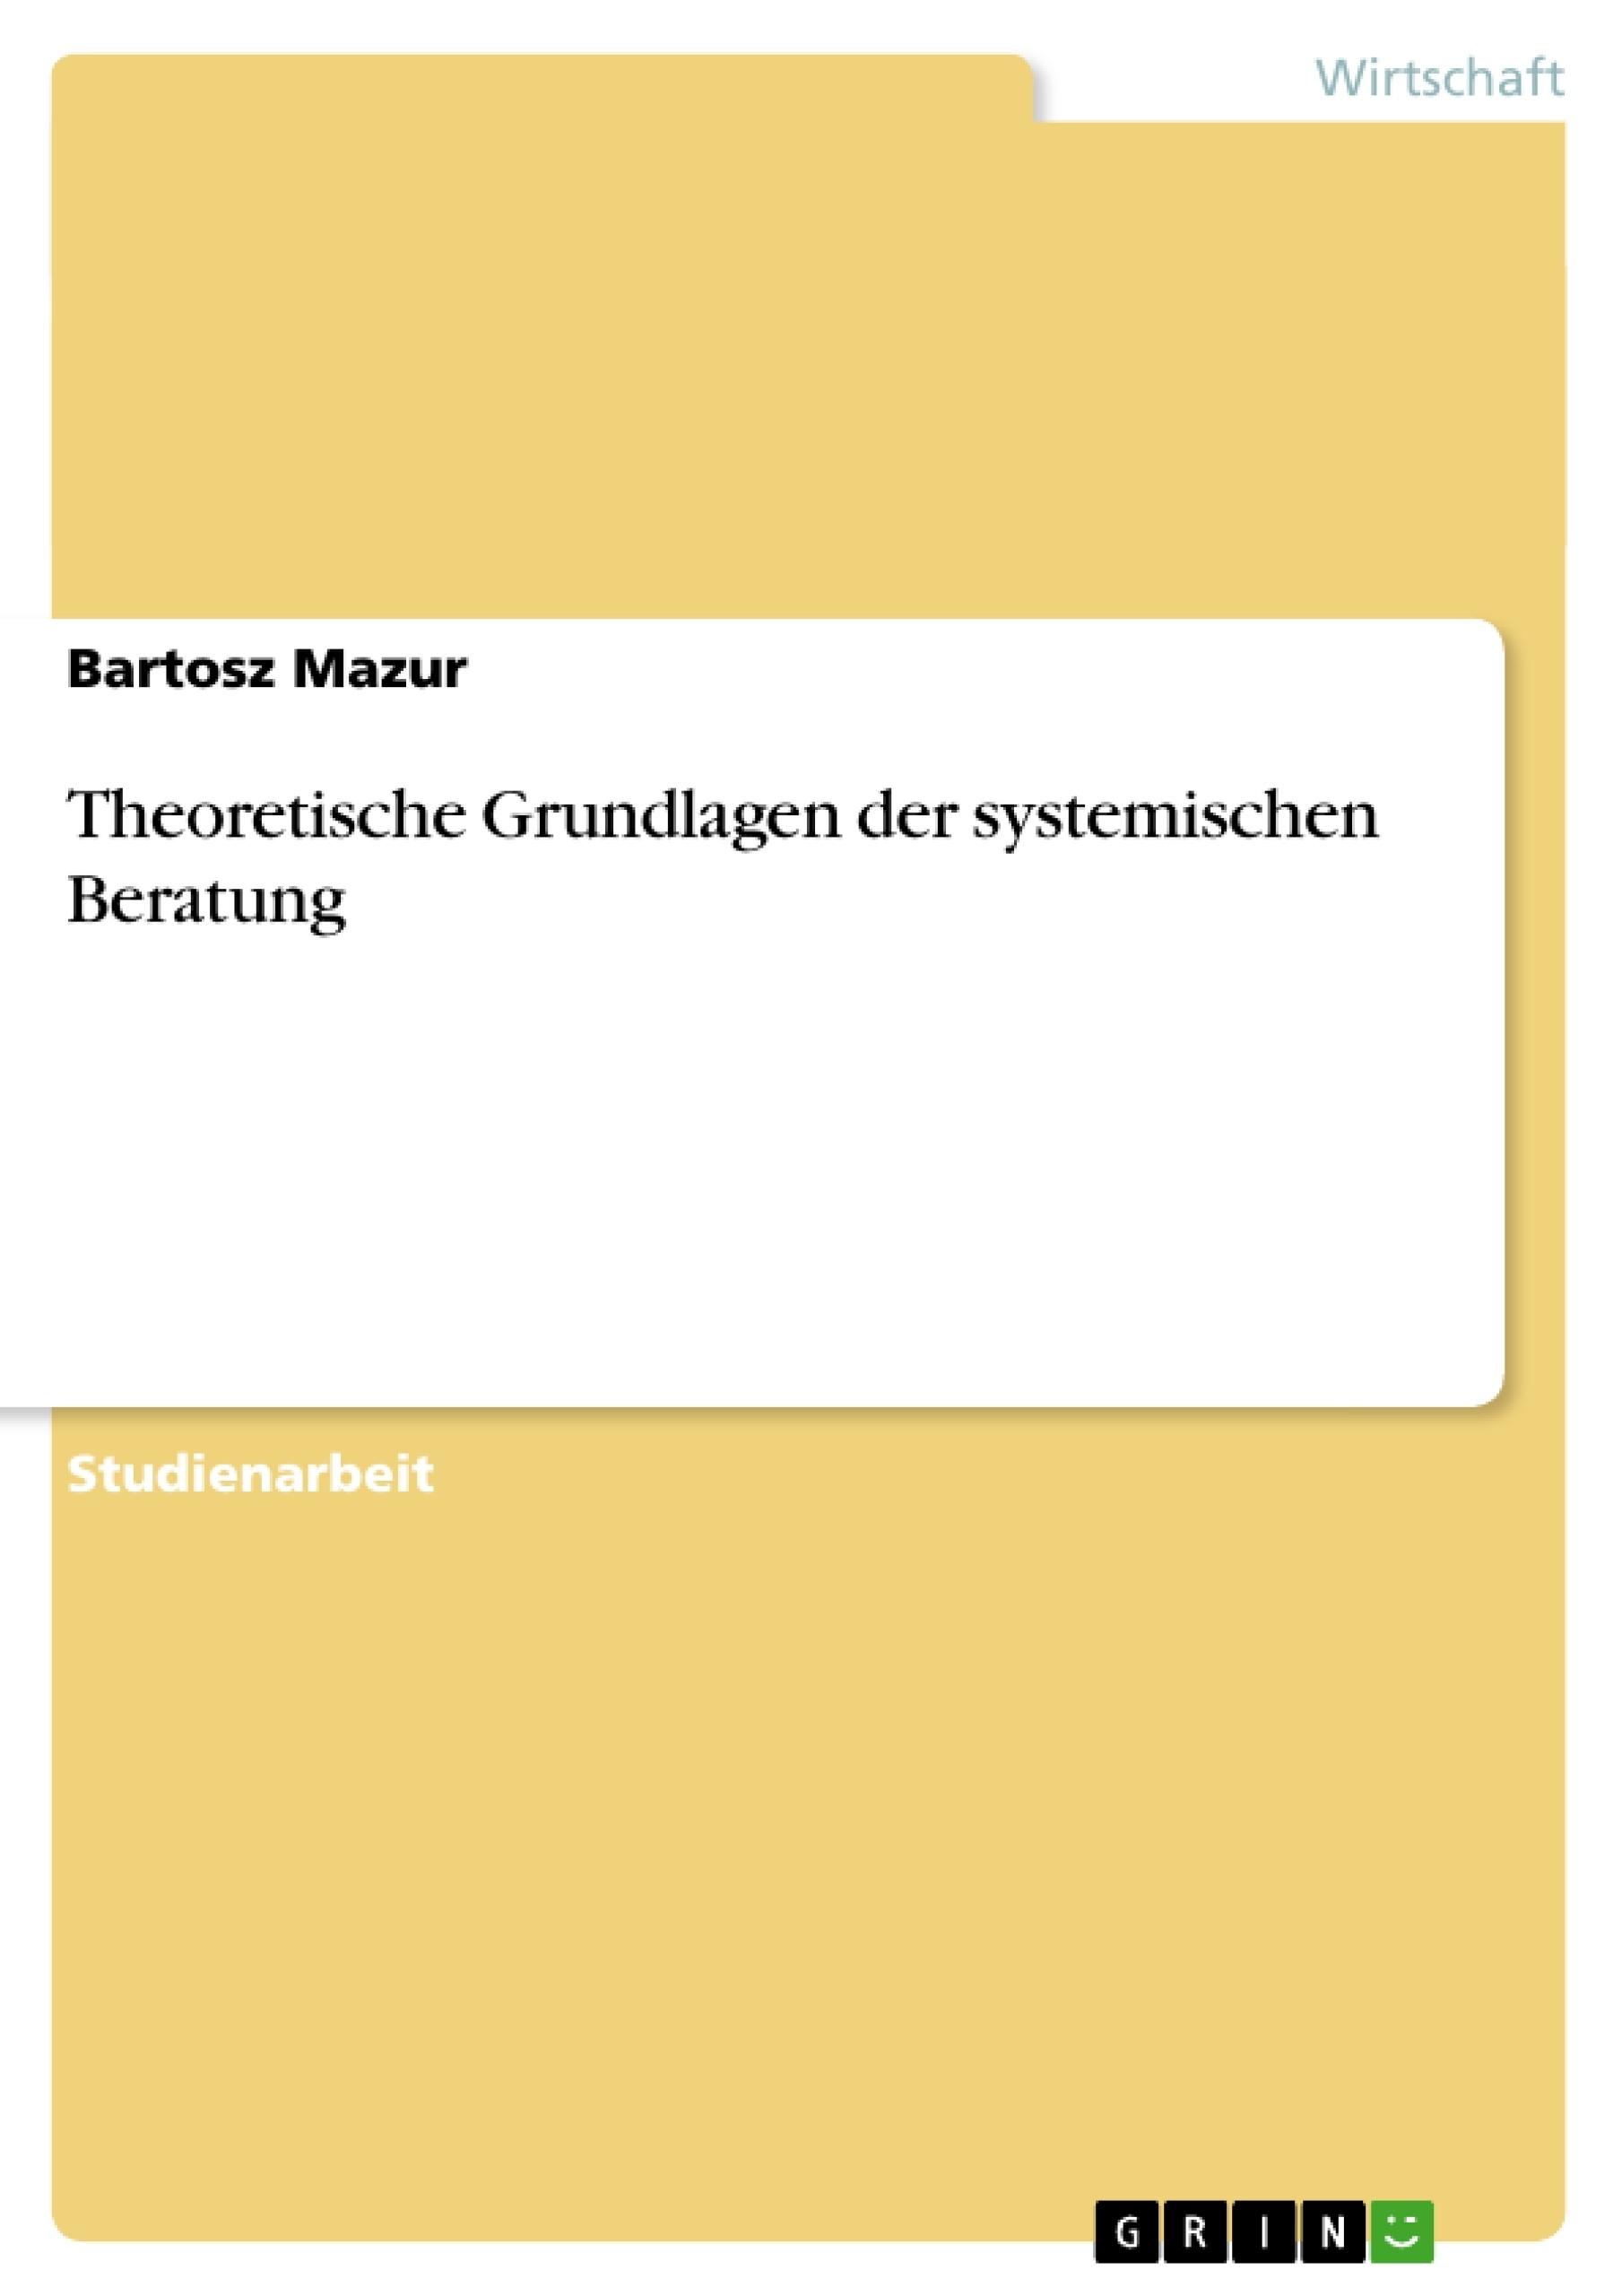 Titel: Theoretische Grundlagen der systemischen Beratung